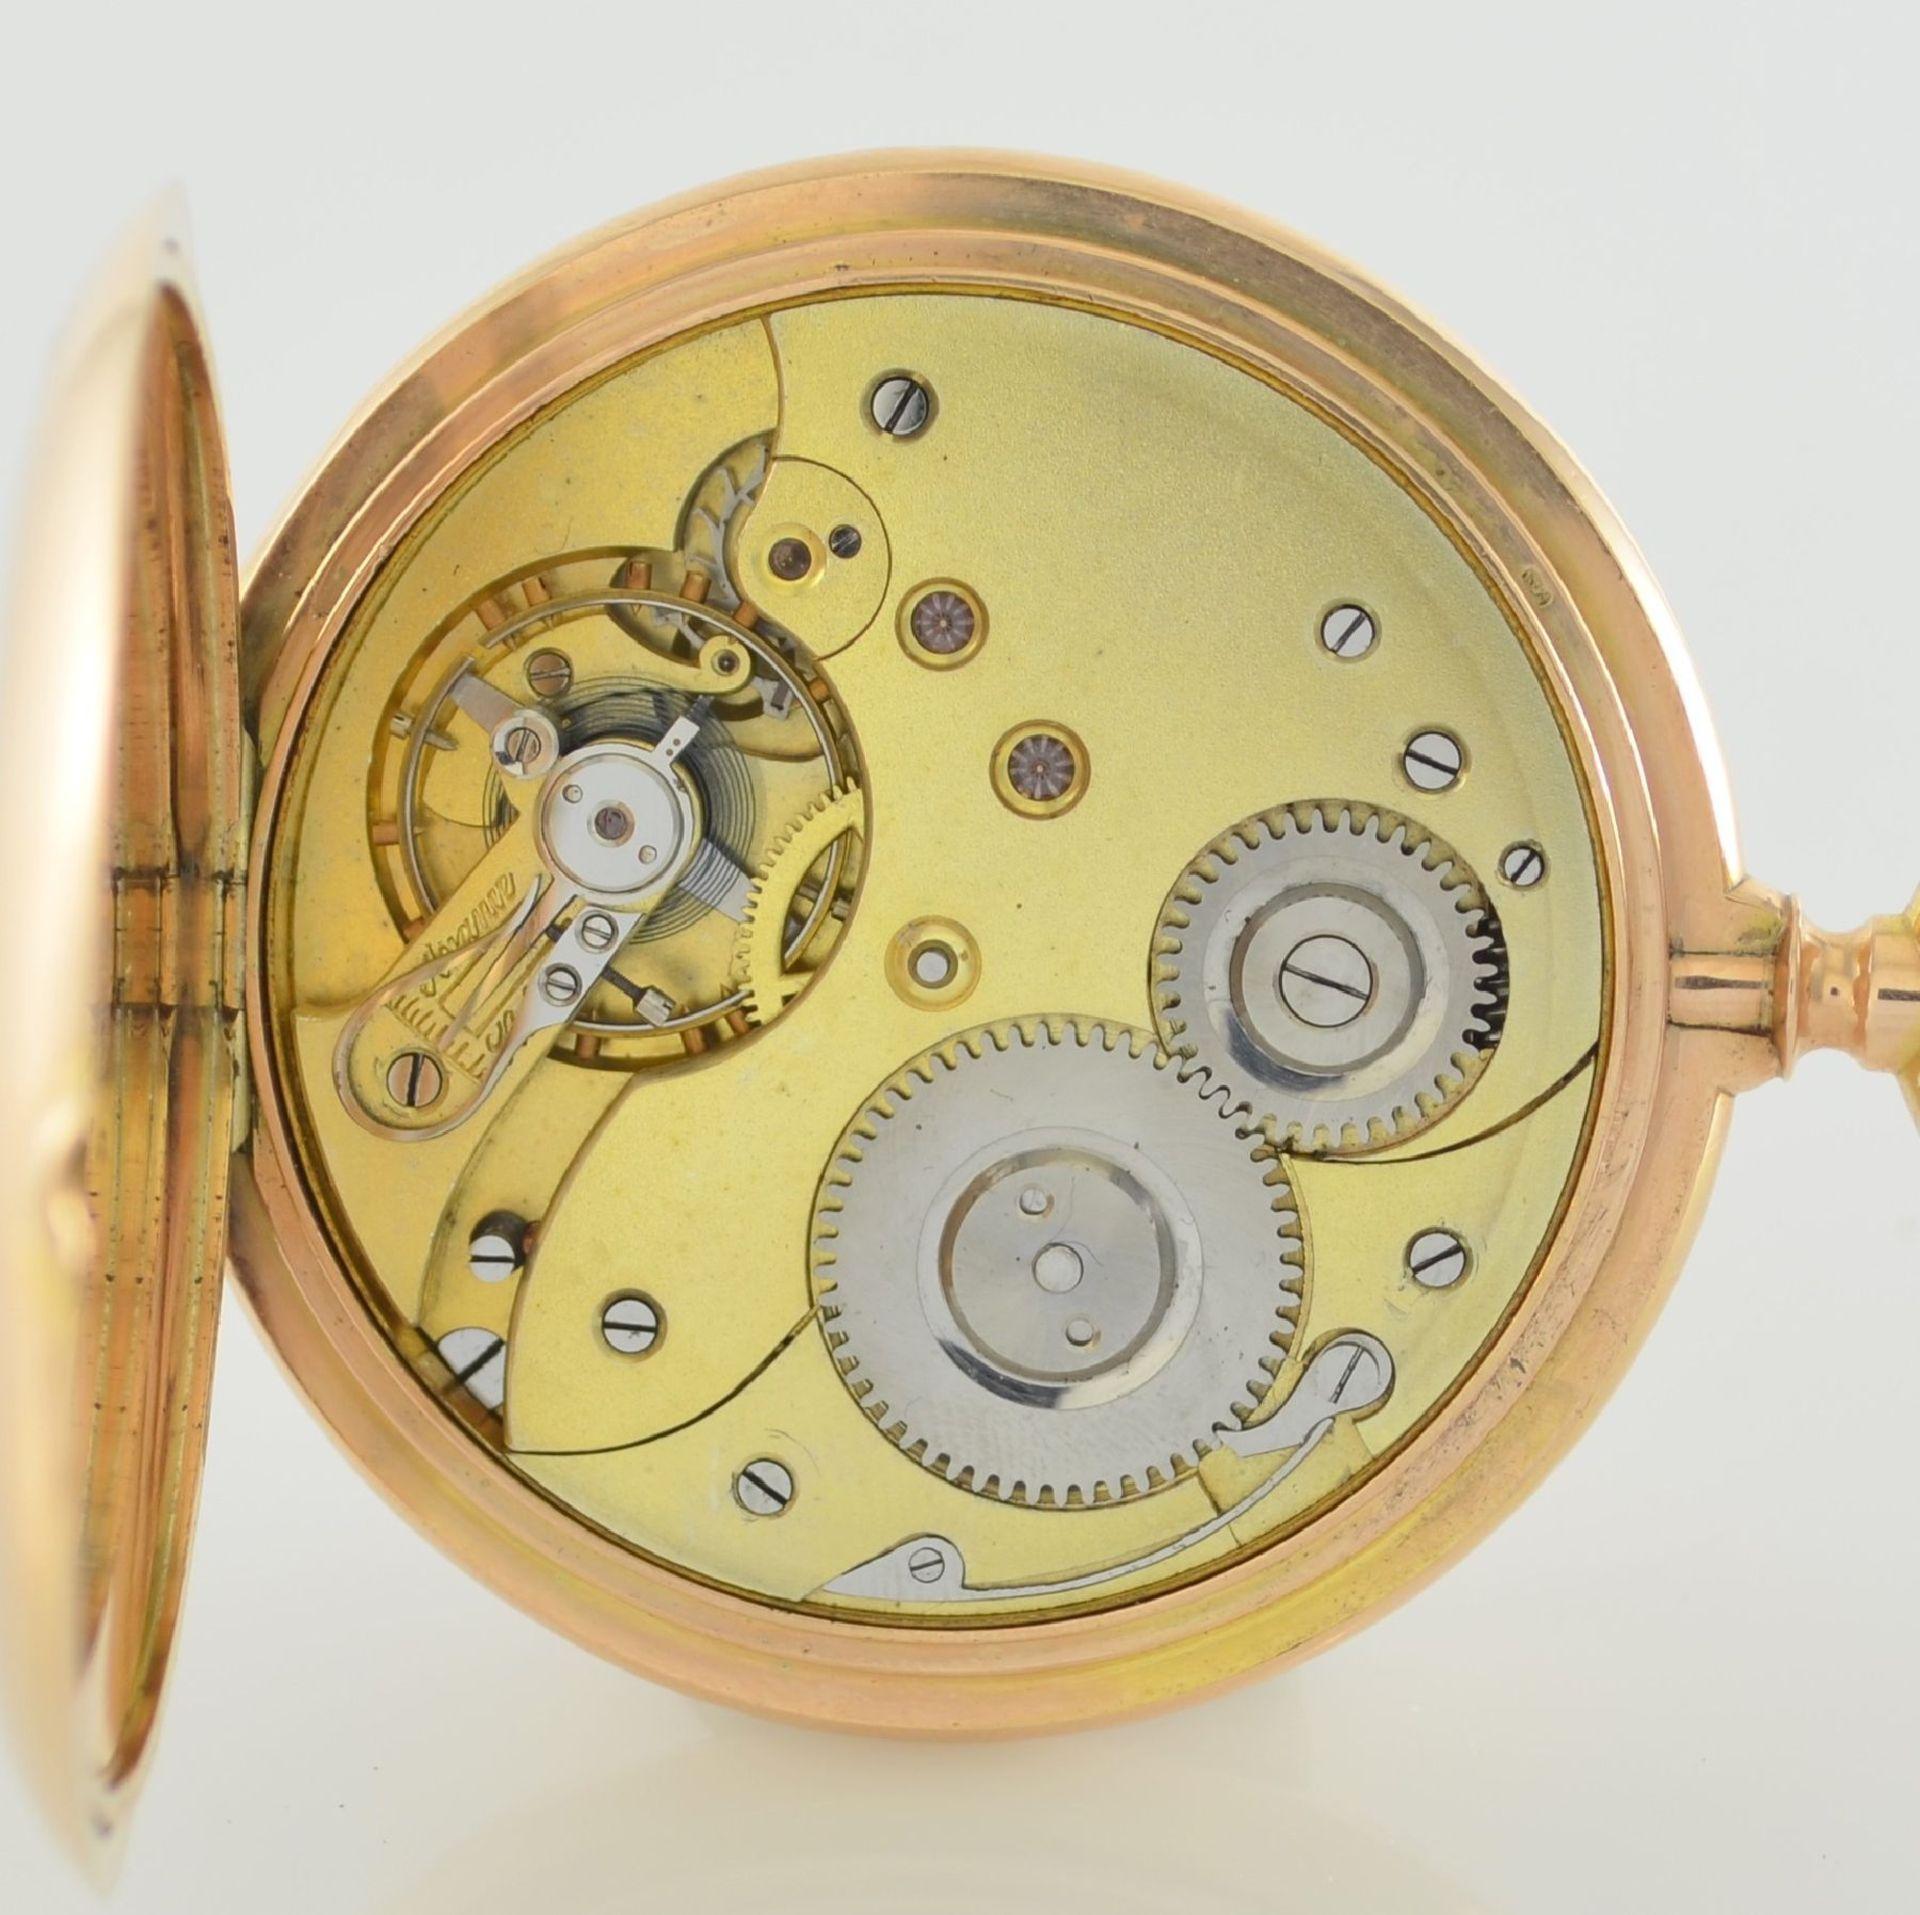 Herrensavonette in RG 585/000, Schweiz um 1900, guill. 3-Deckel Goldgeh. berieben/dell., à-goutte- - Bild 7 aus 7